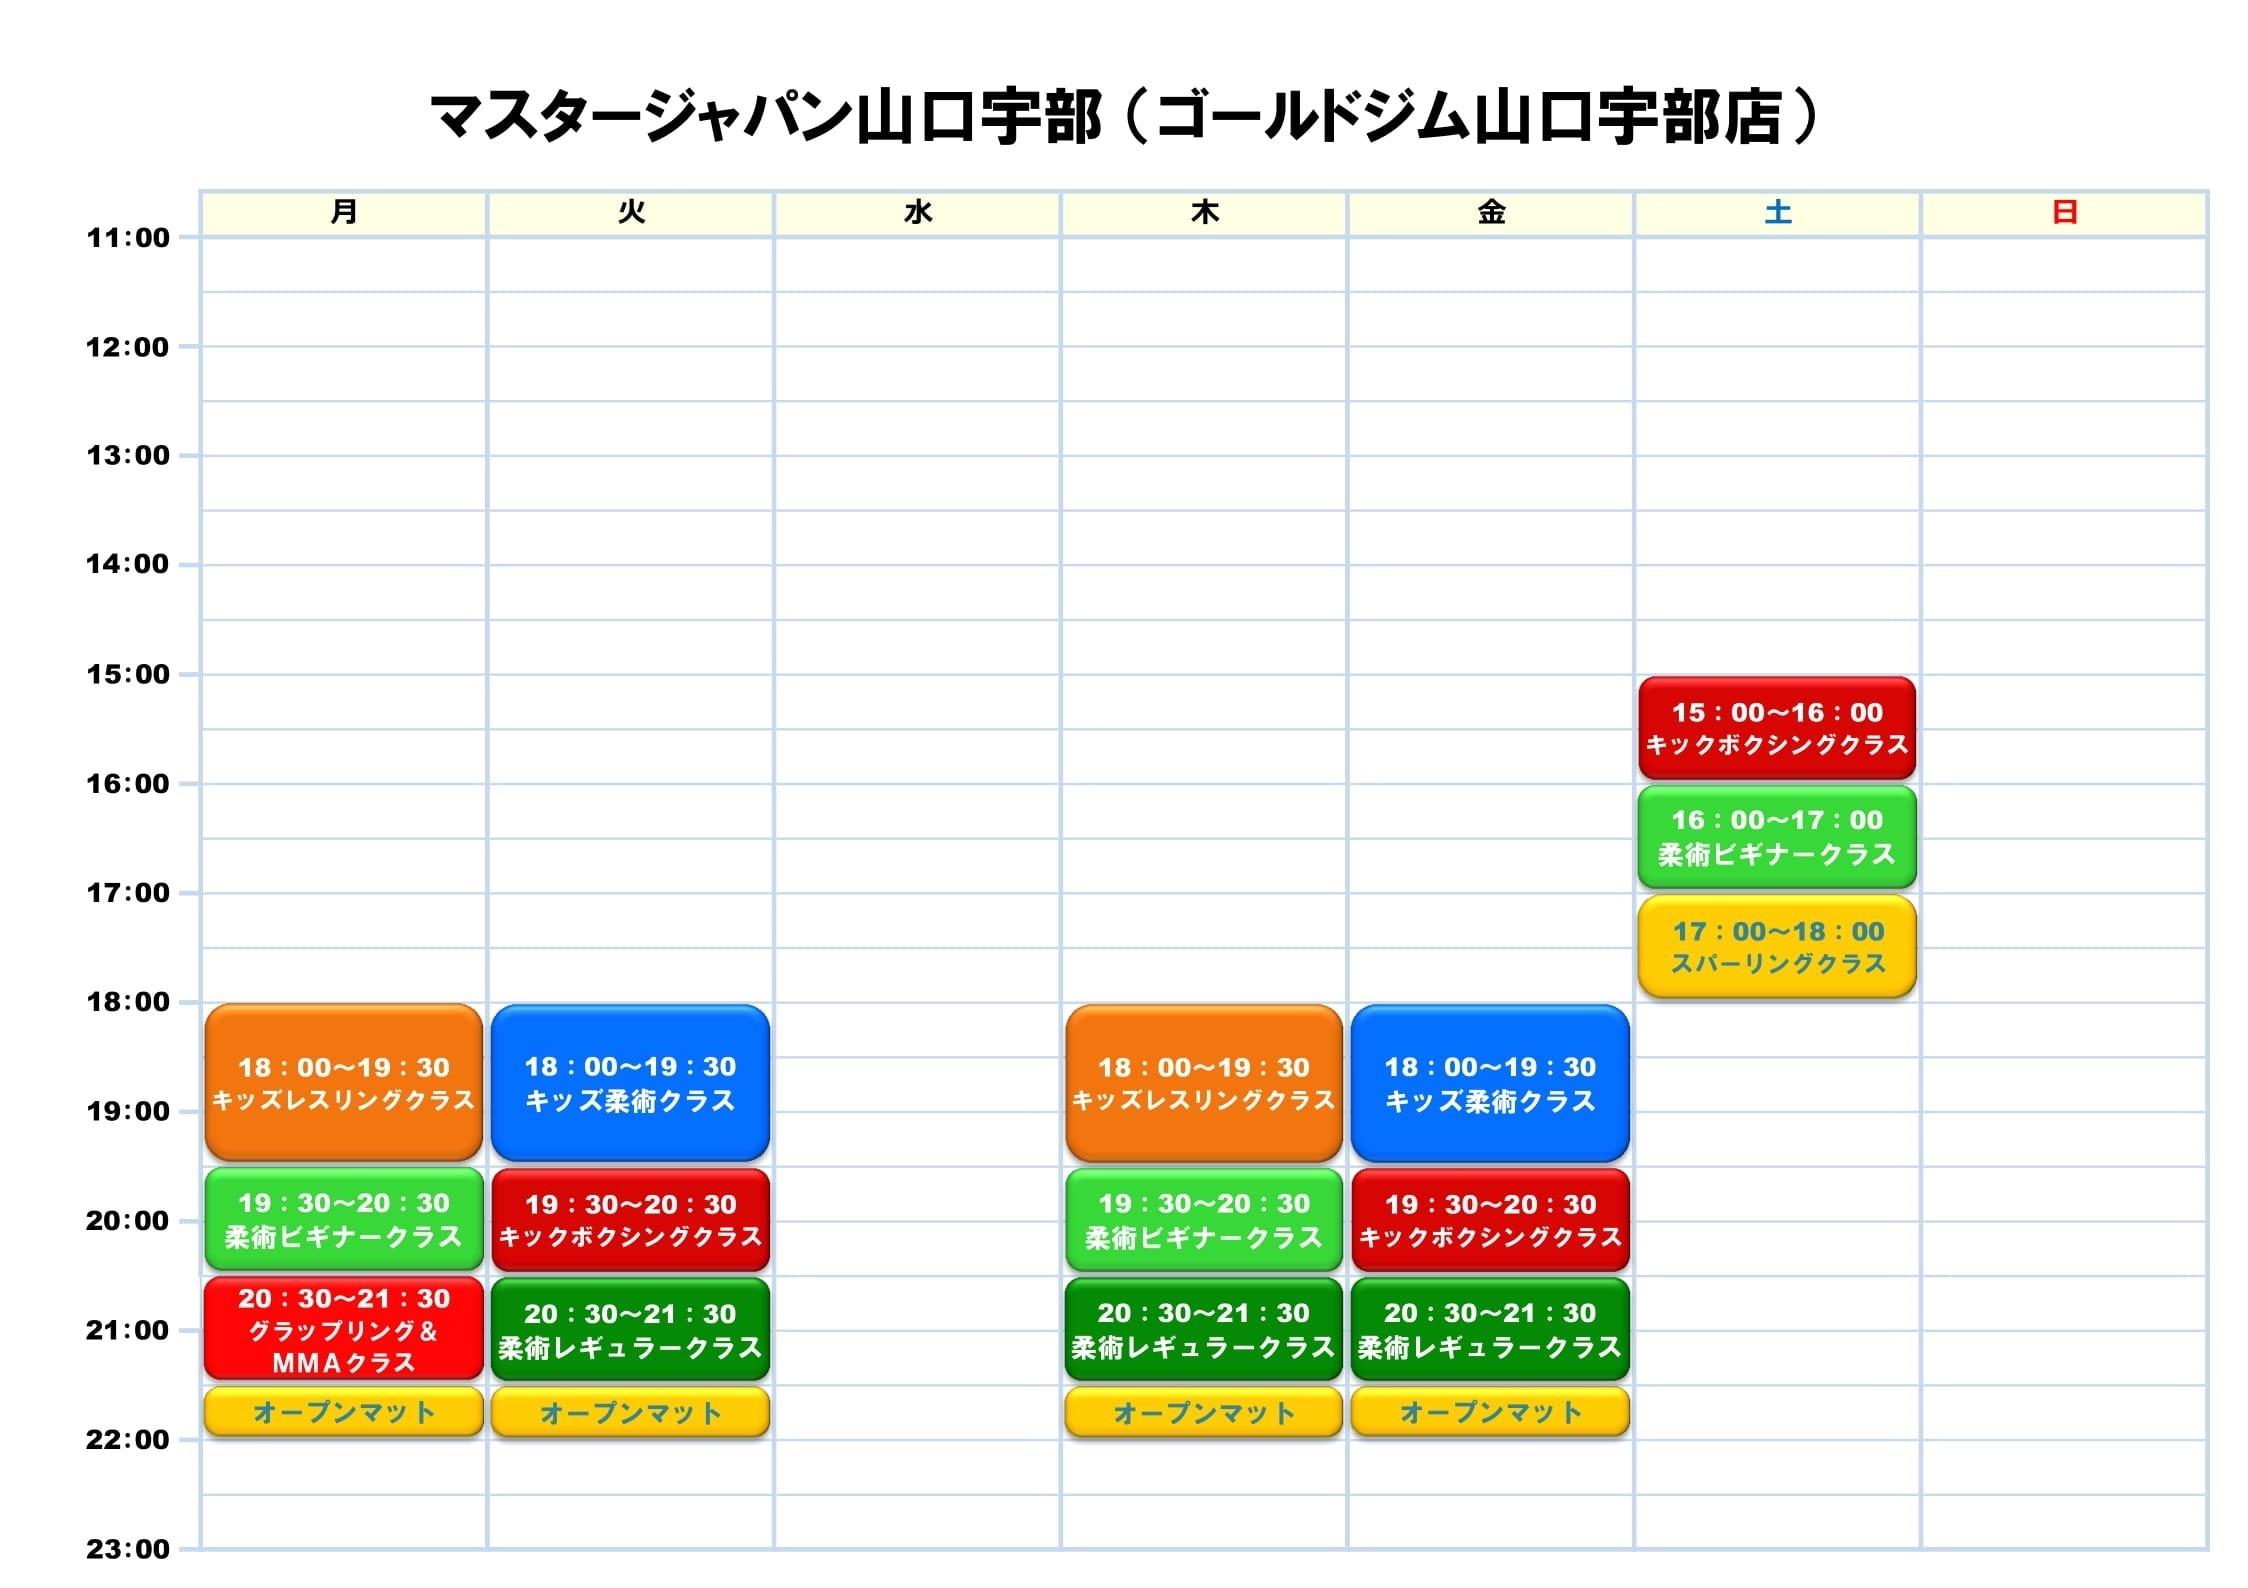 マスタージャパン山口宇部スケジュール表(2018年2月~)